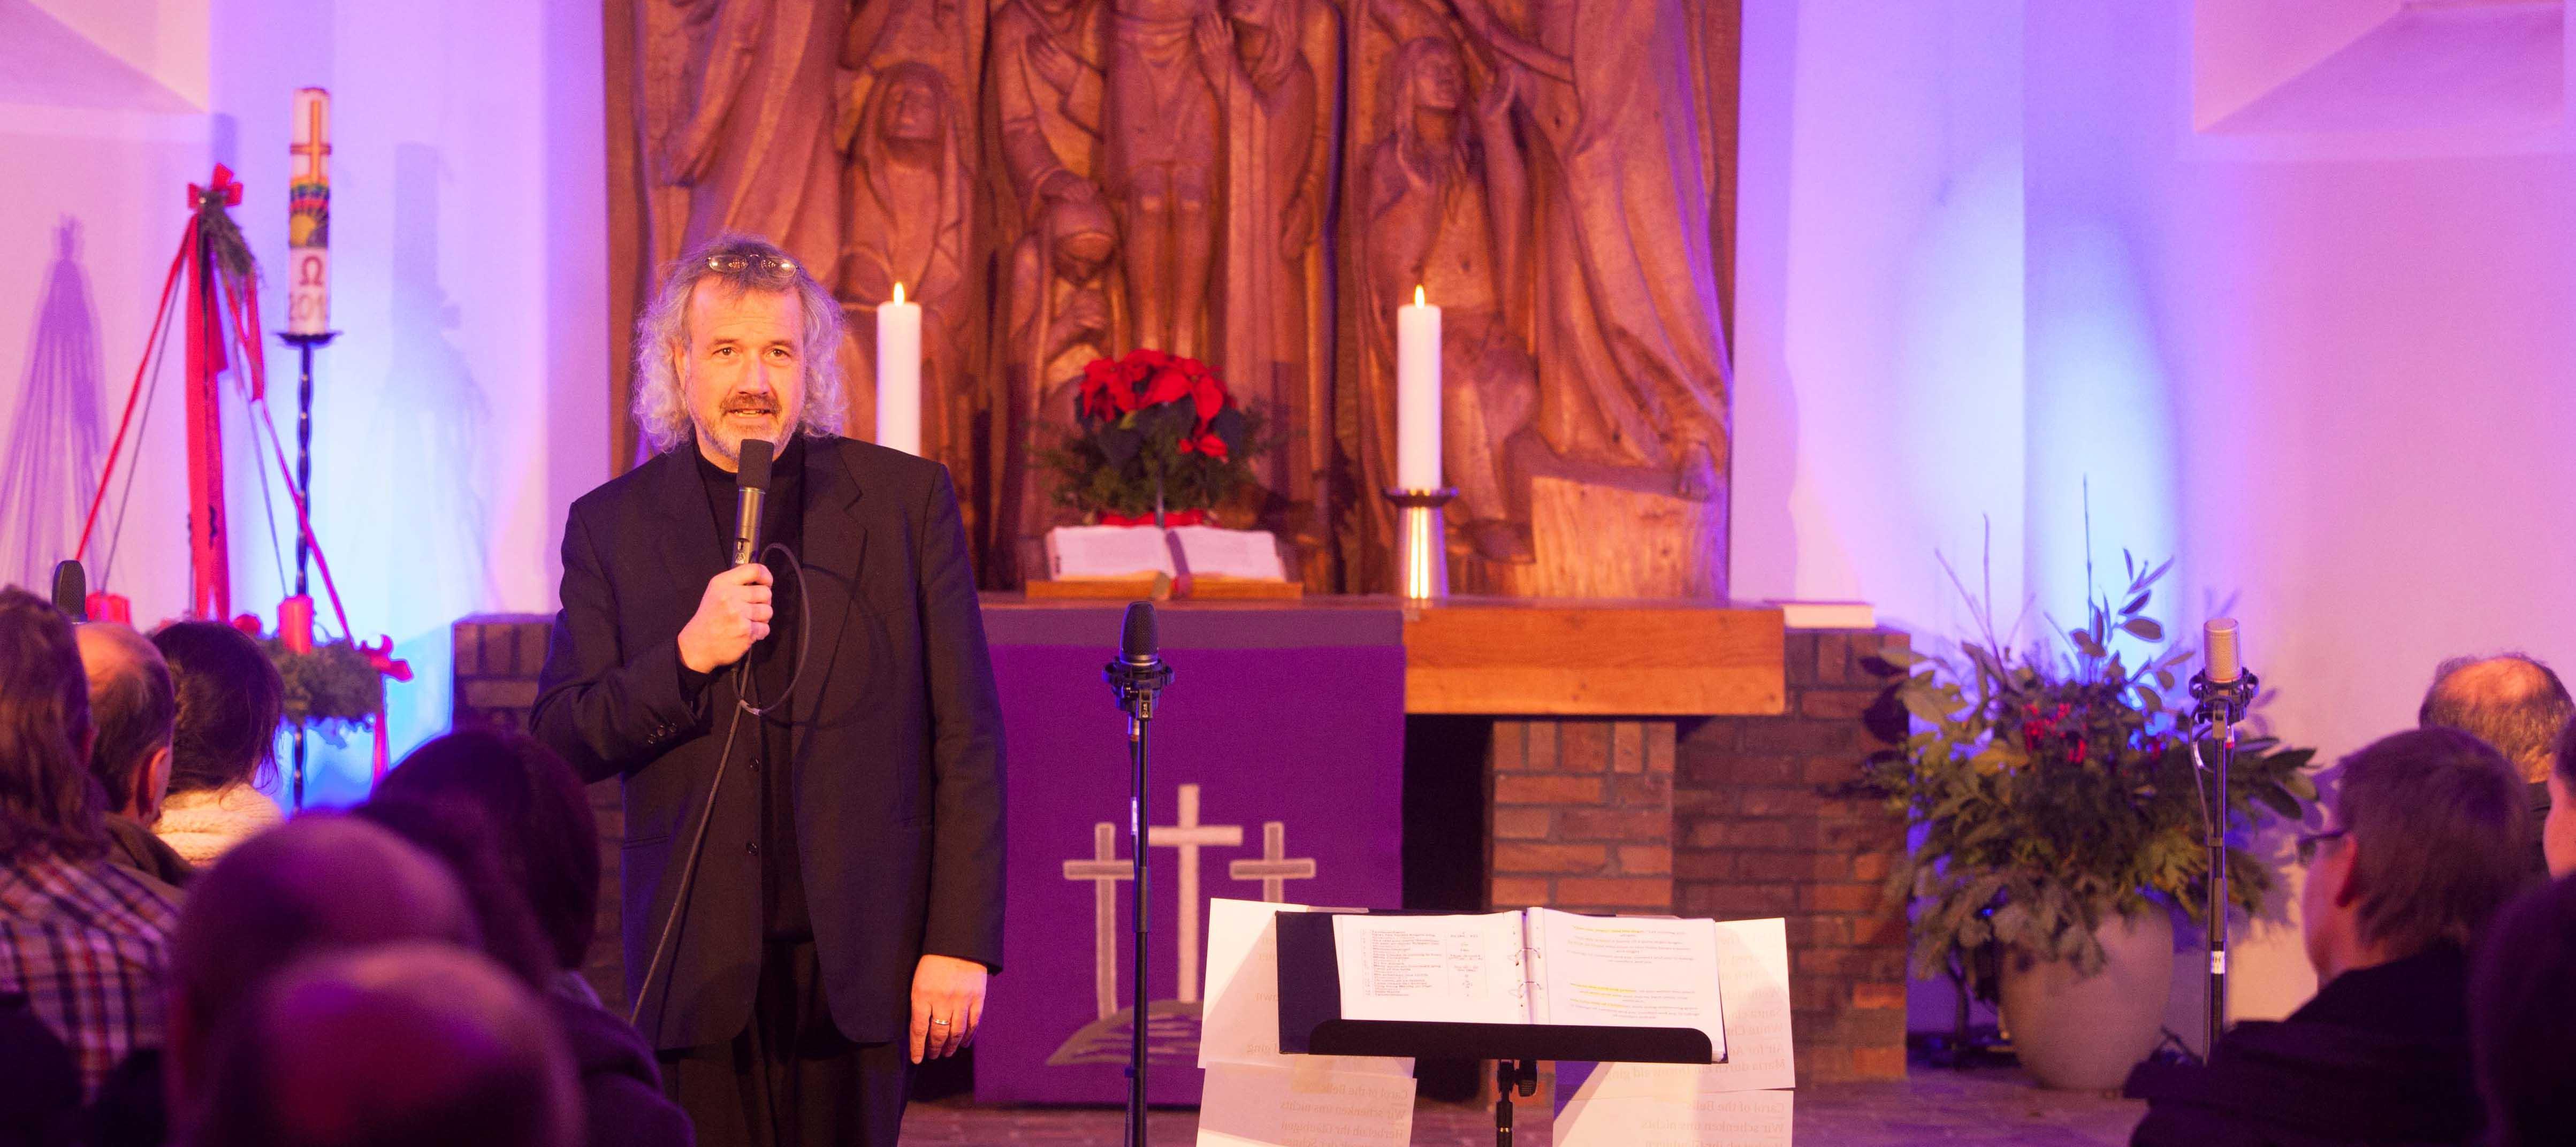 Muss sich Bokhorst nach einem neuen Pastor oder einer Pastorin umsehen? Nach über 25 Jahren als Gemeindepastor könnte Bokhorsts Gemeindepastor Erich Faeling zum Propst gewählt werden